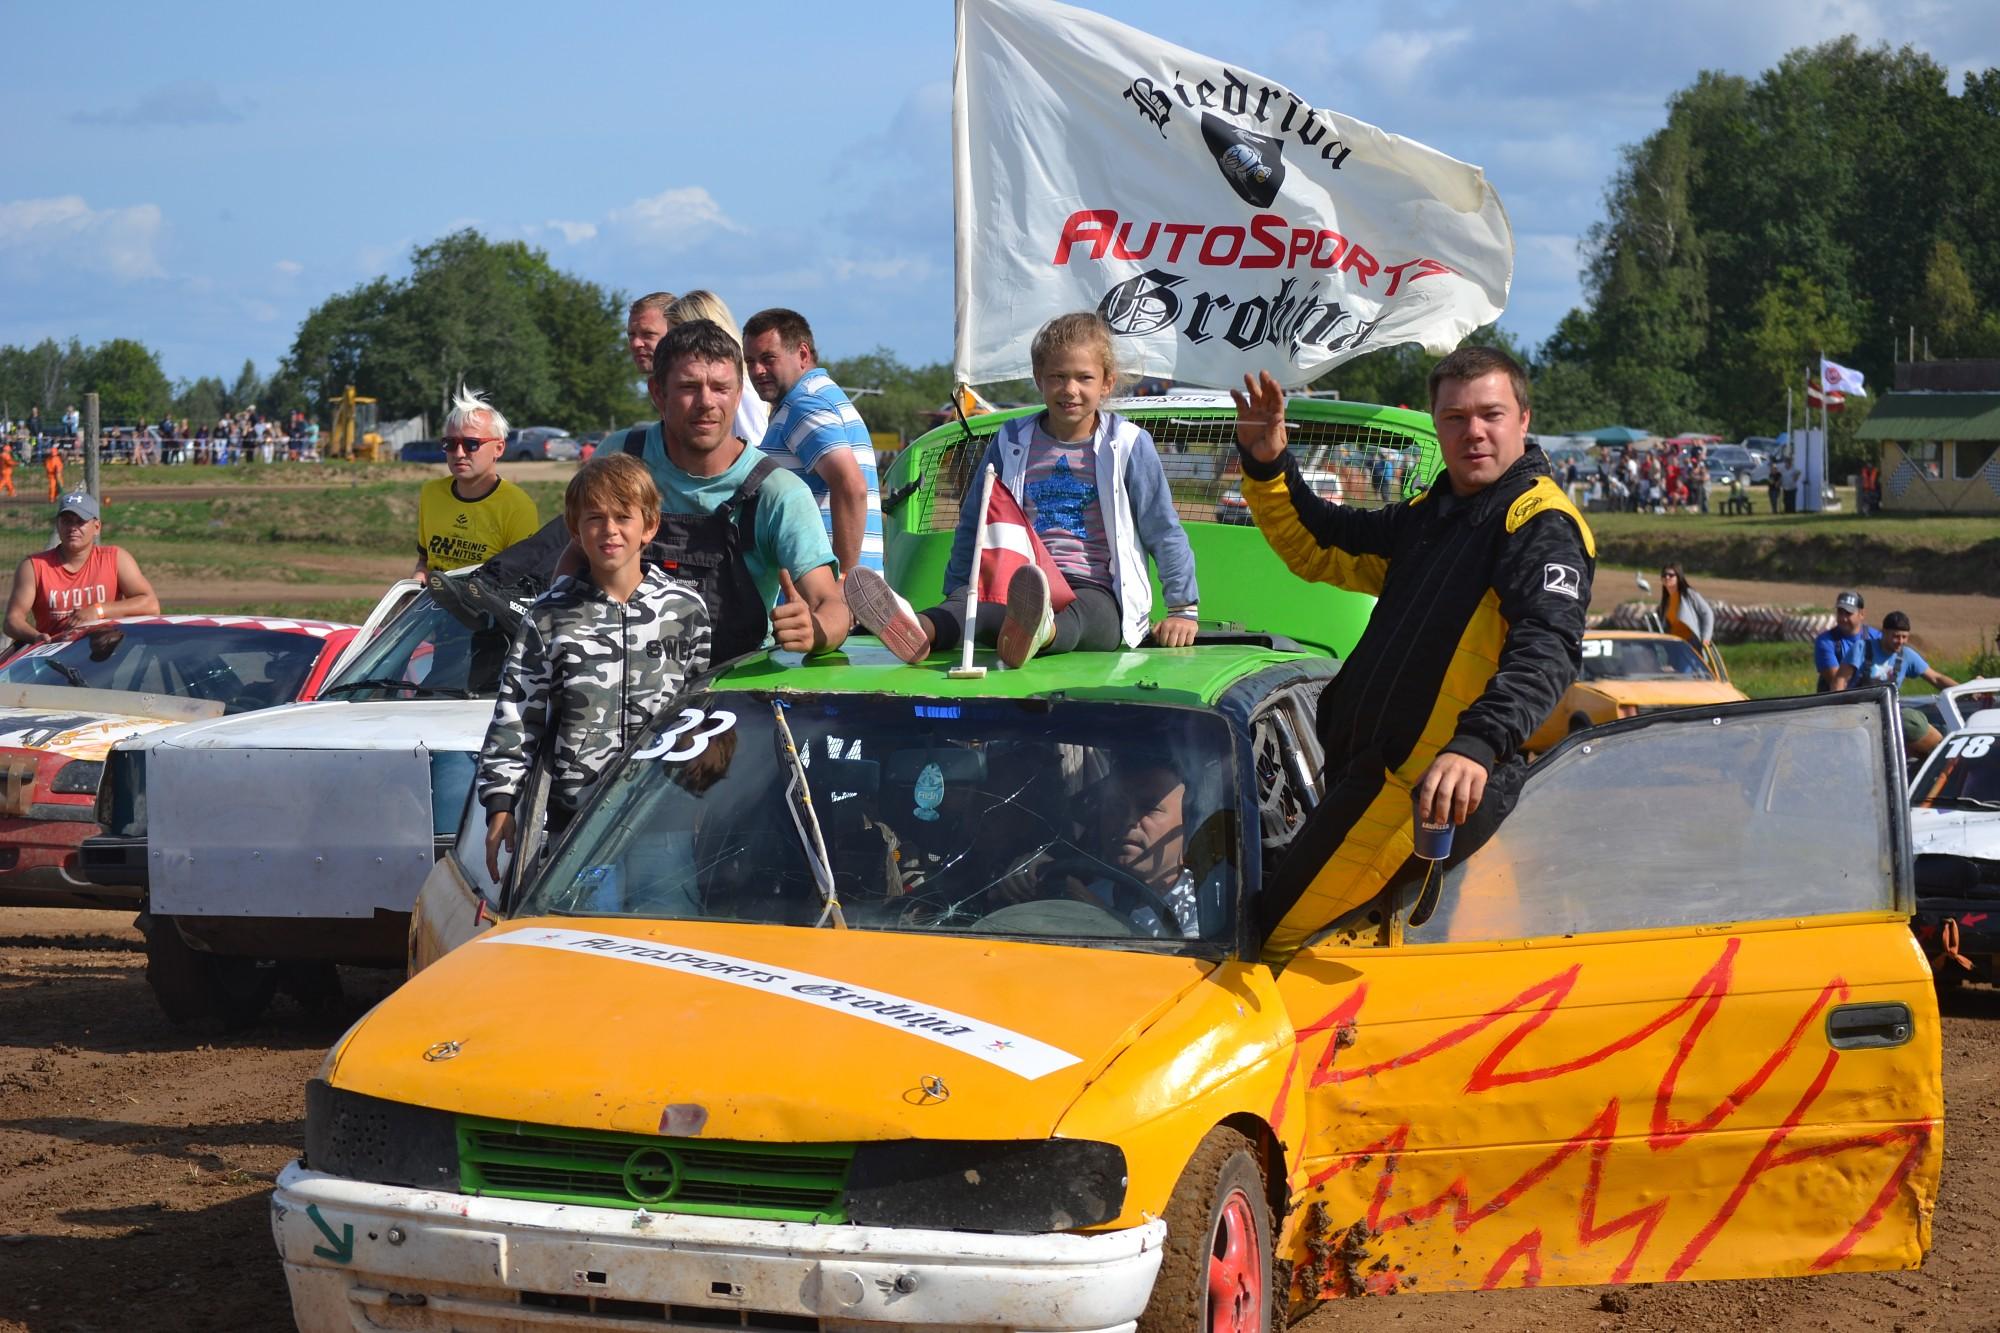 В Вецпилс состоялся фестиваль автоспорта